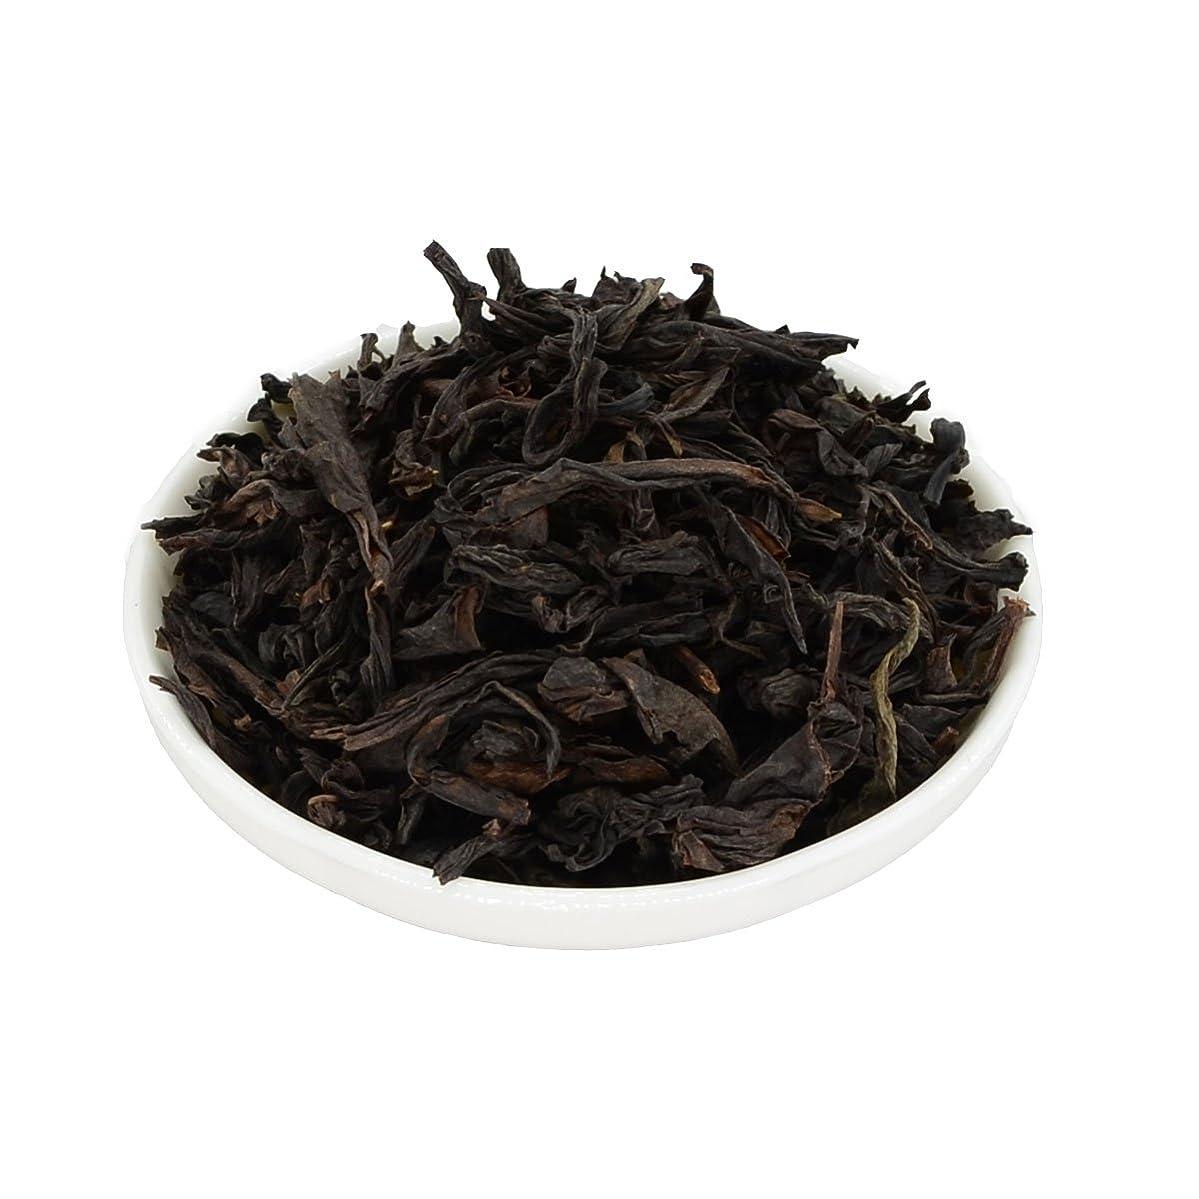 Mozentea Chinese Loose tea (DaHongPao Oolong Tea, 100G / 3.5oz)